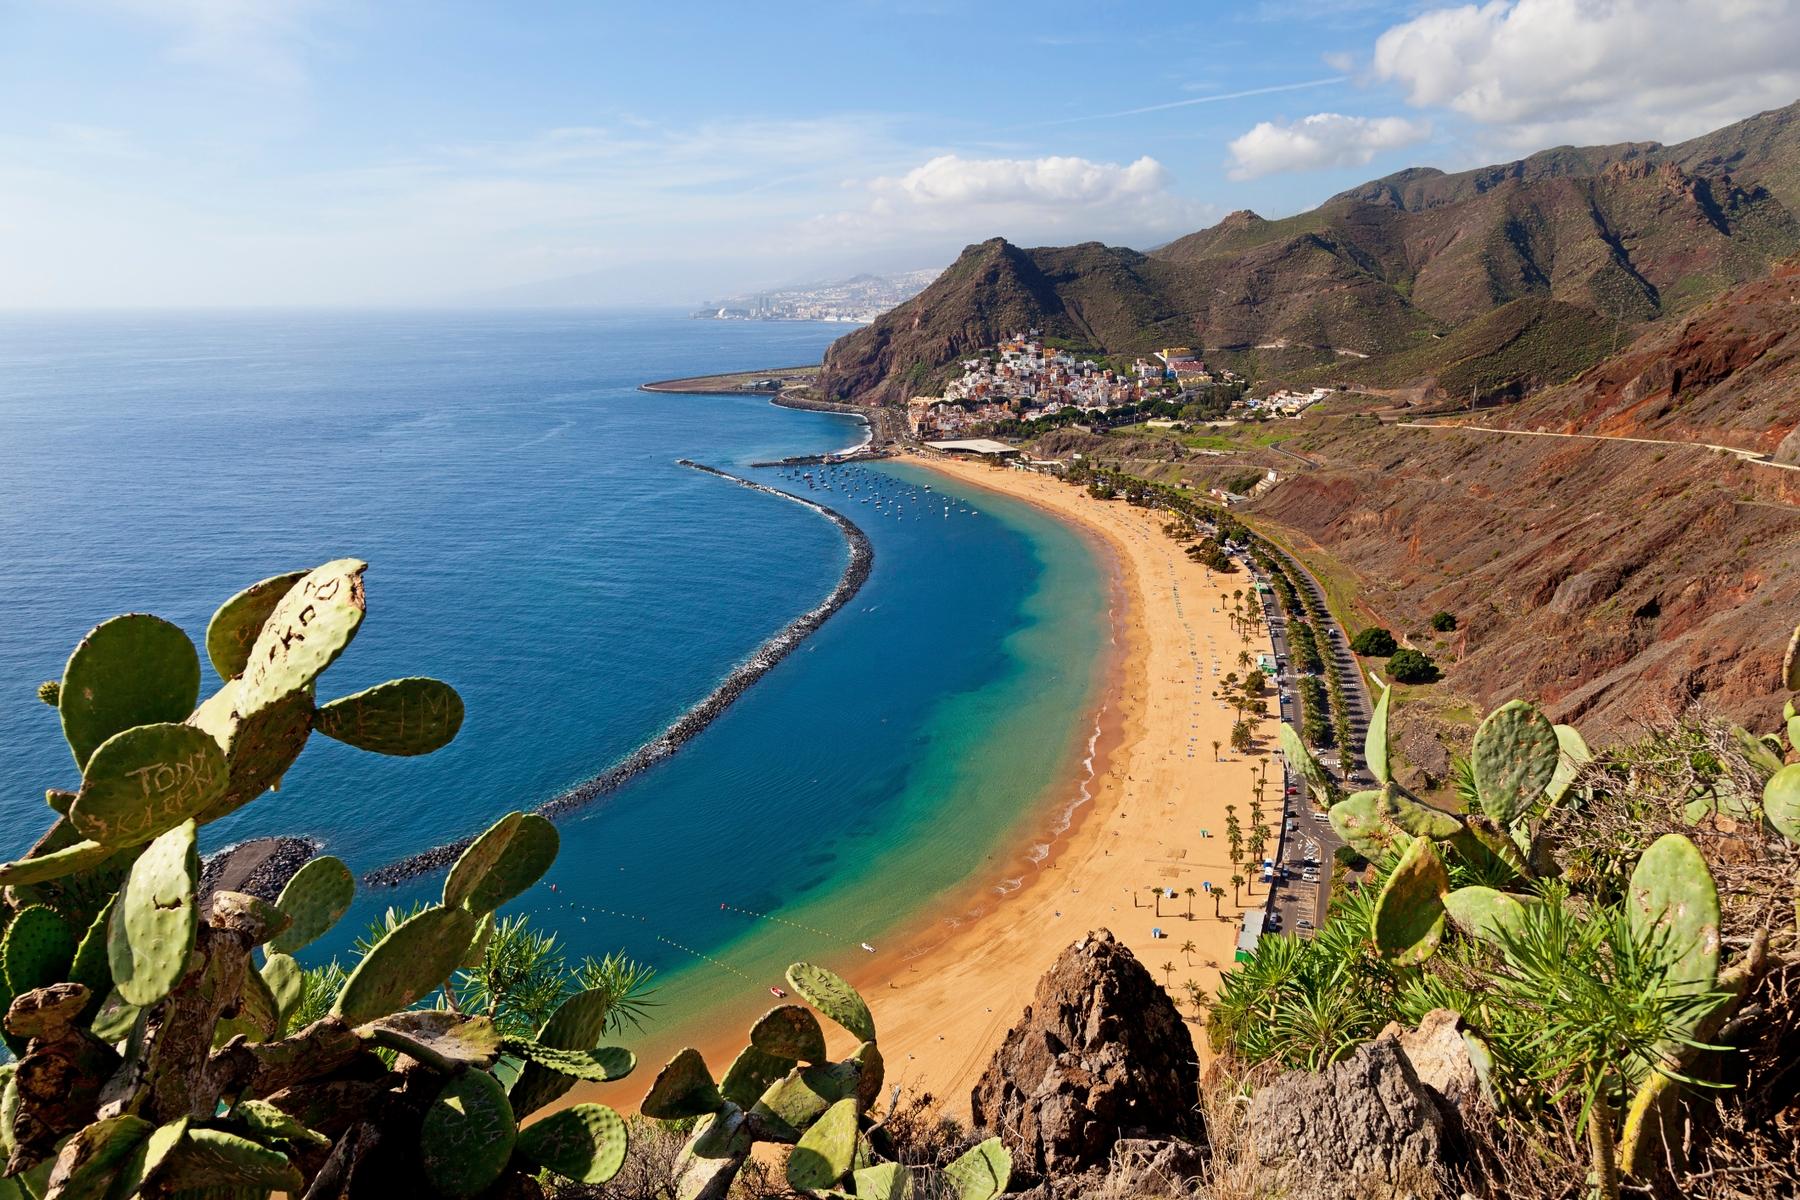 Spiagge di Tenerife: Playa de La Teresitas Tenerife